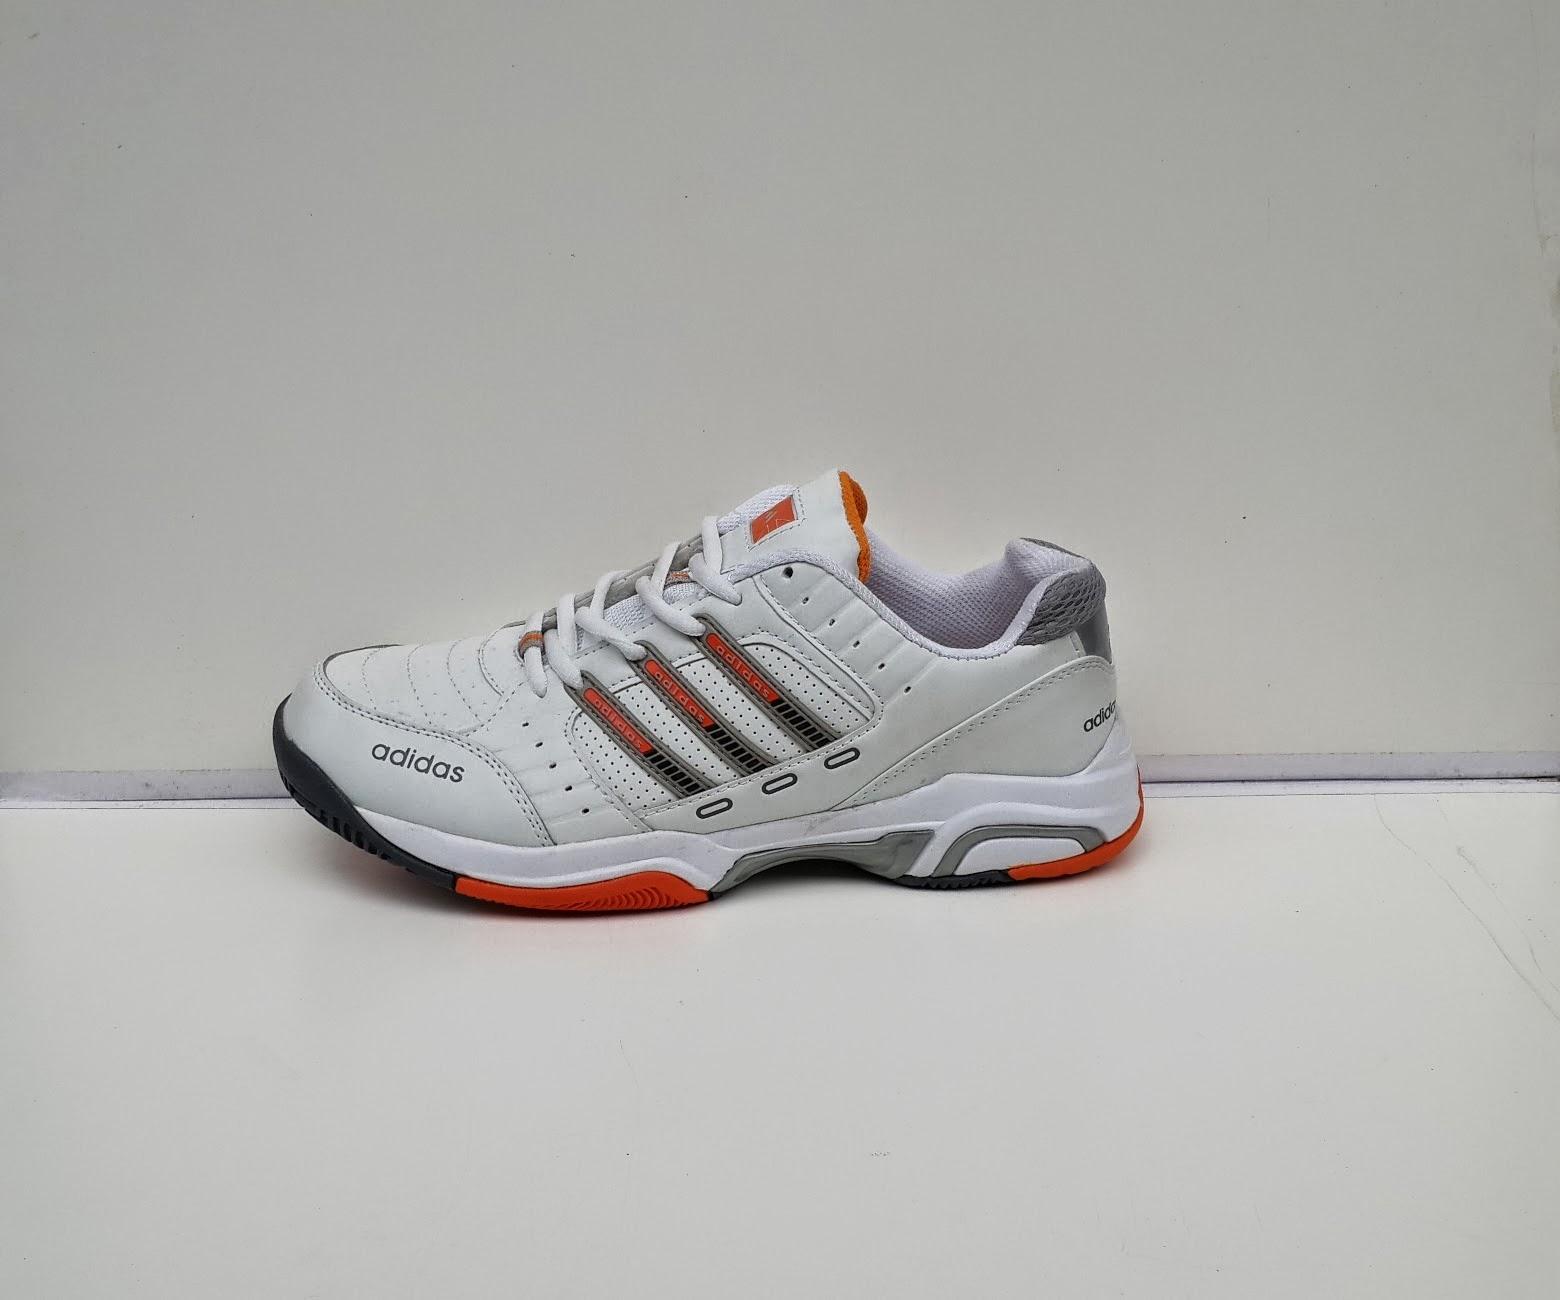 sepatu tenis,sepatu putih tenis,sepatu murah tenis